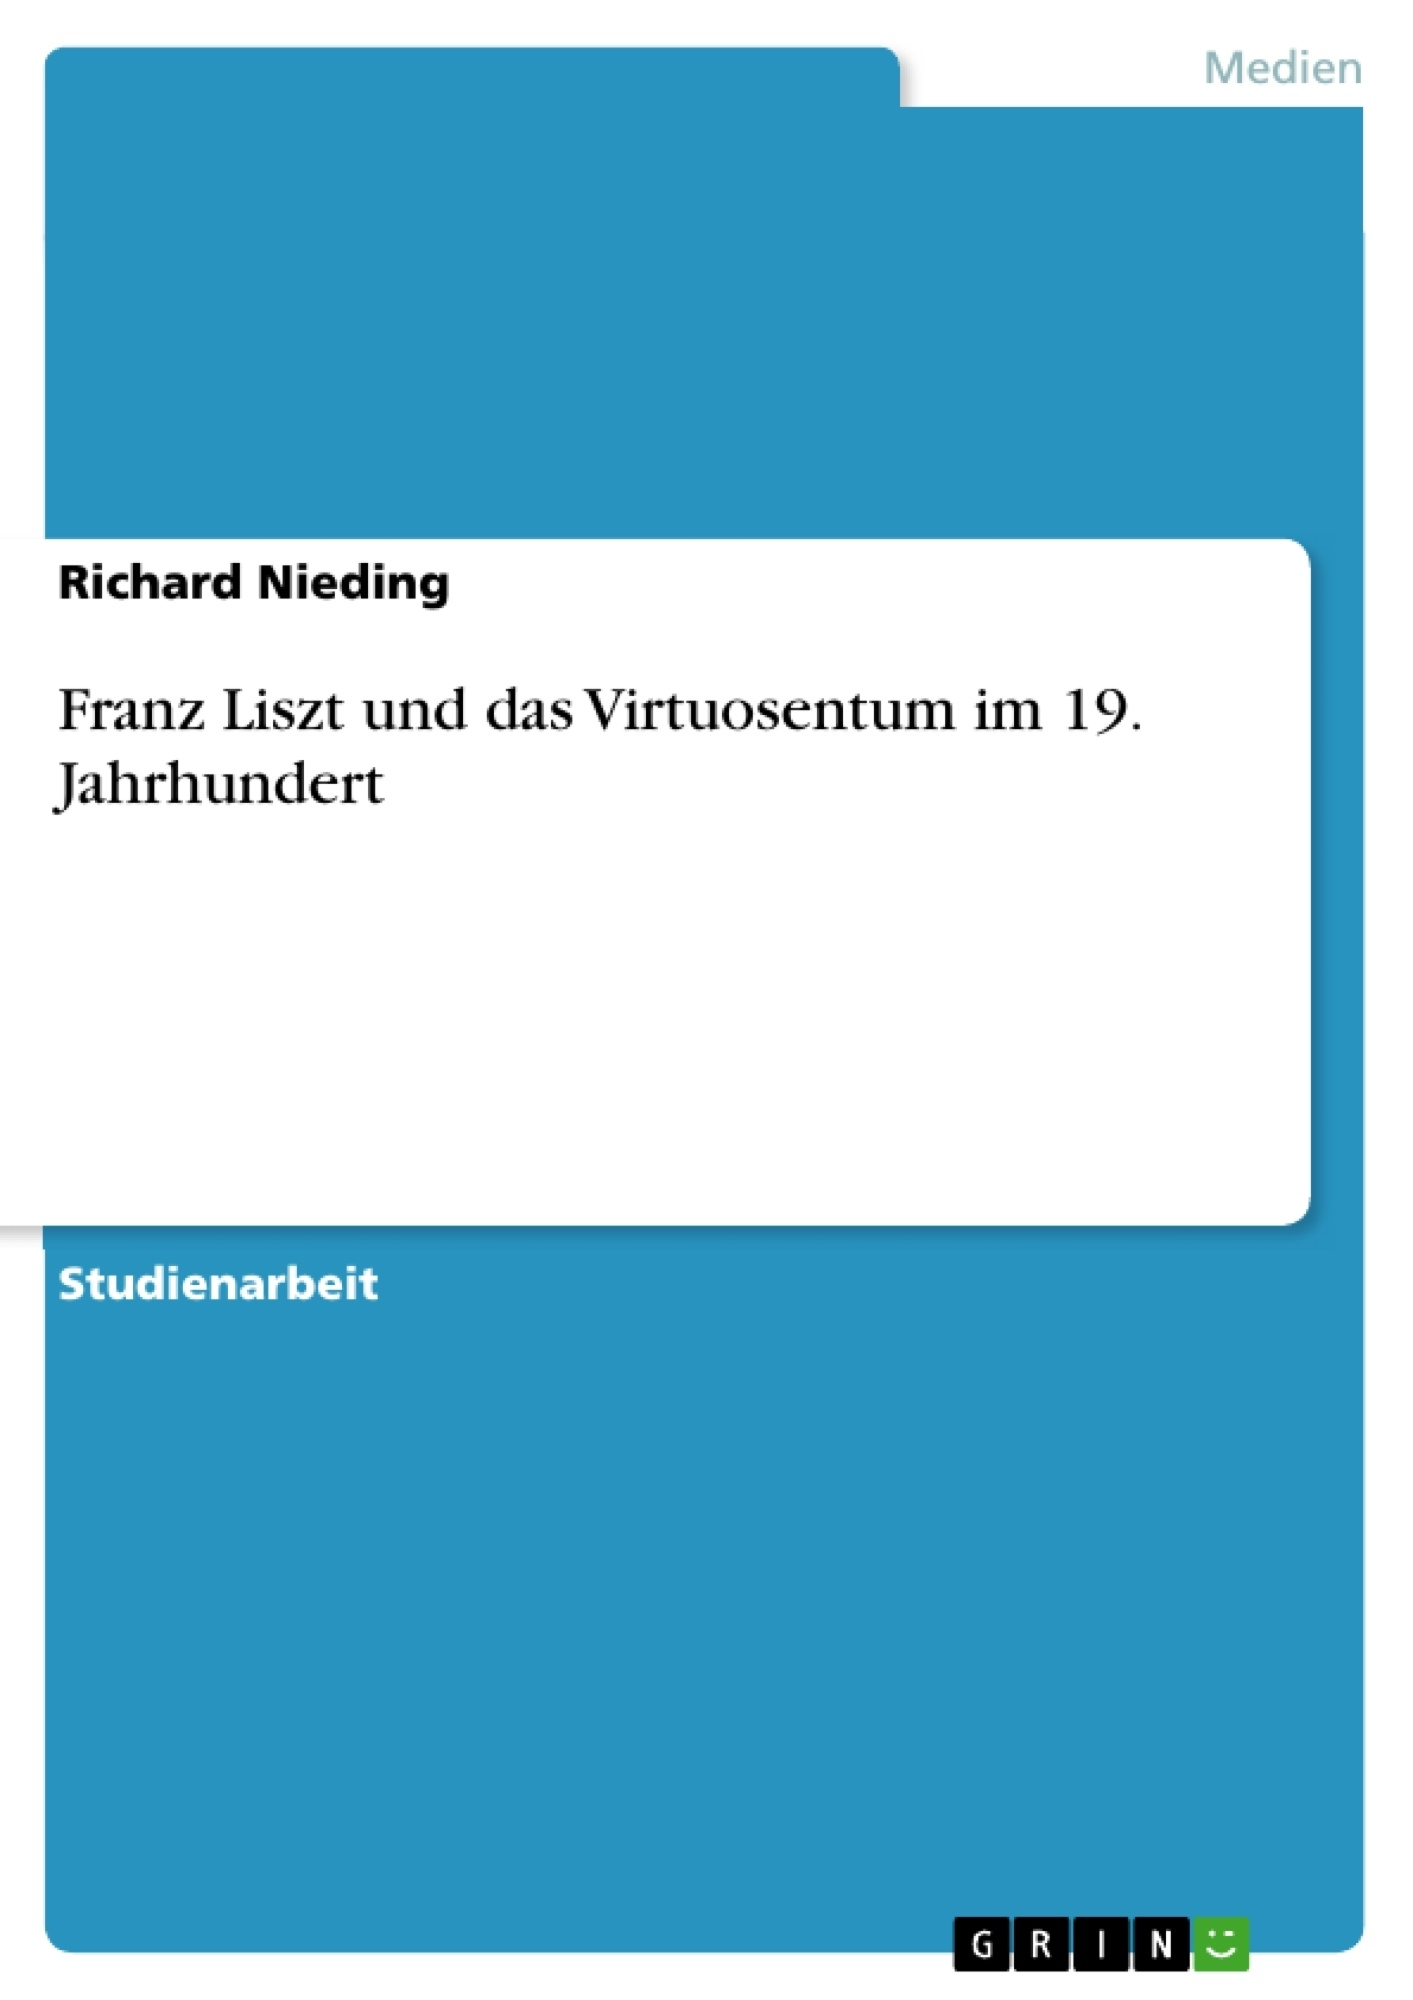 Titel: Franz Liszt und das Virtuosentum im 19. Jahrhundert